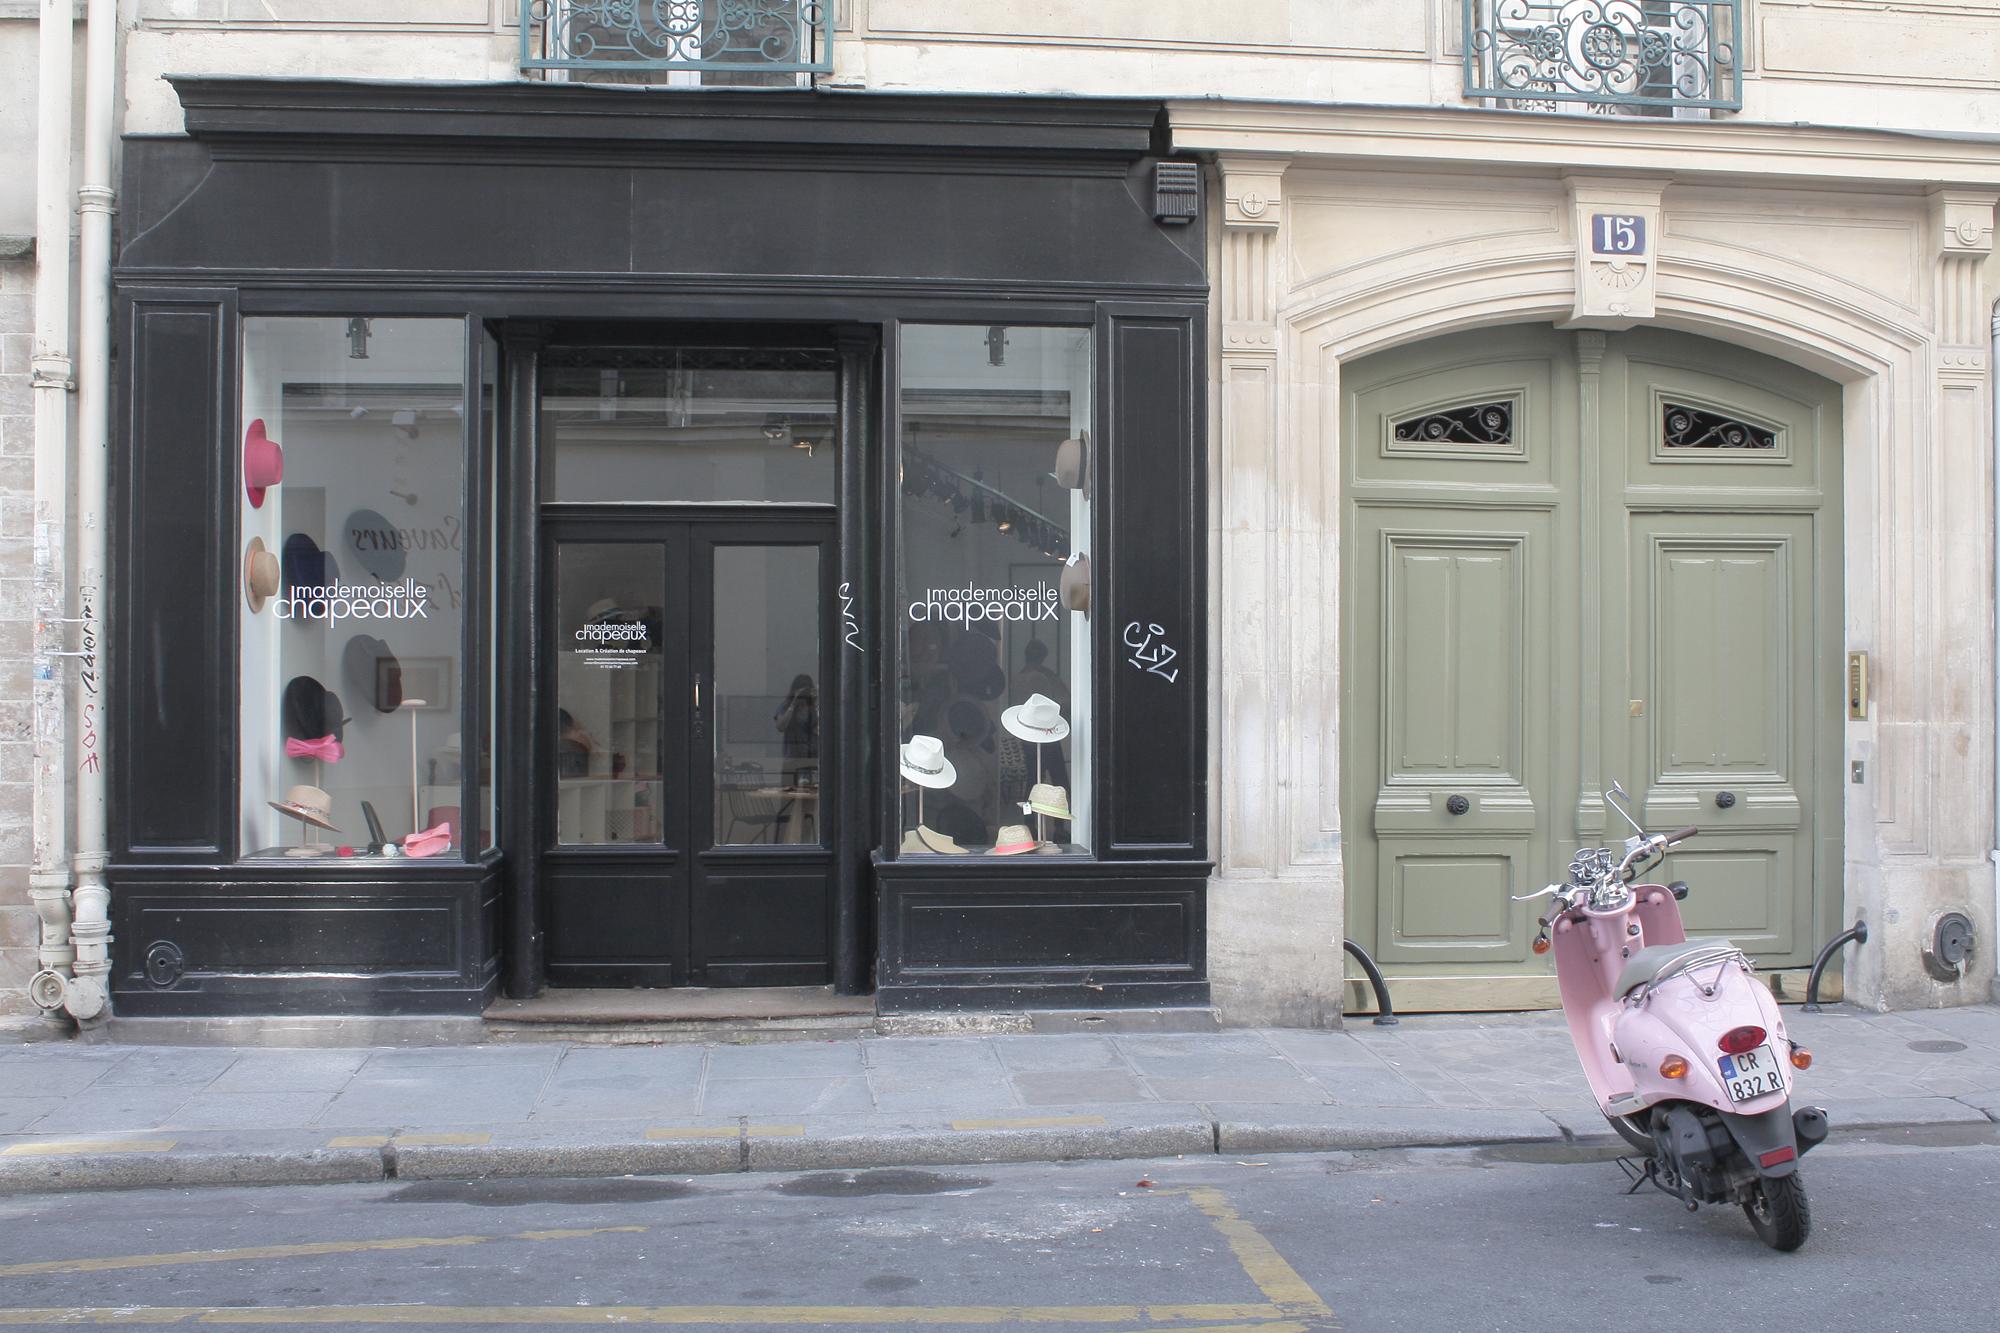 la jolie boutique de mademoiselle chapeaux deedee. Black Bedroom Furniture Sets. Home Design Ideas